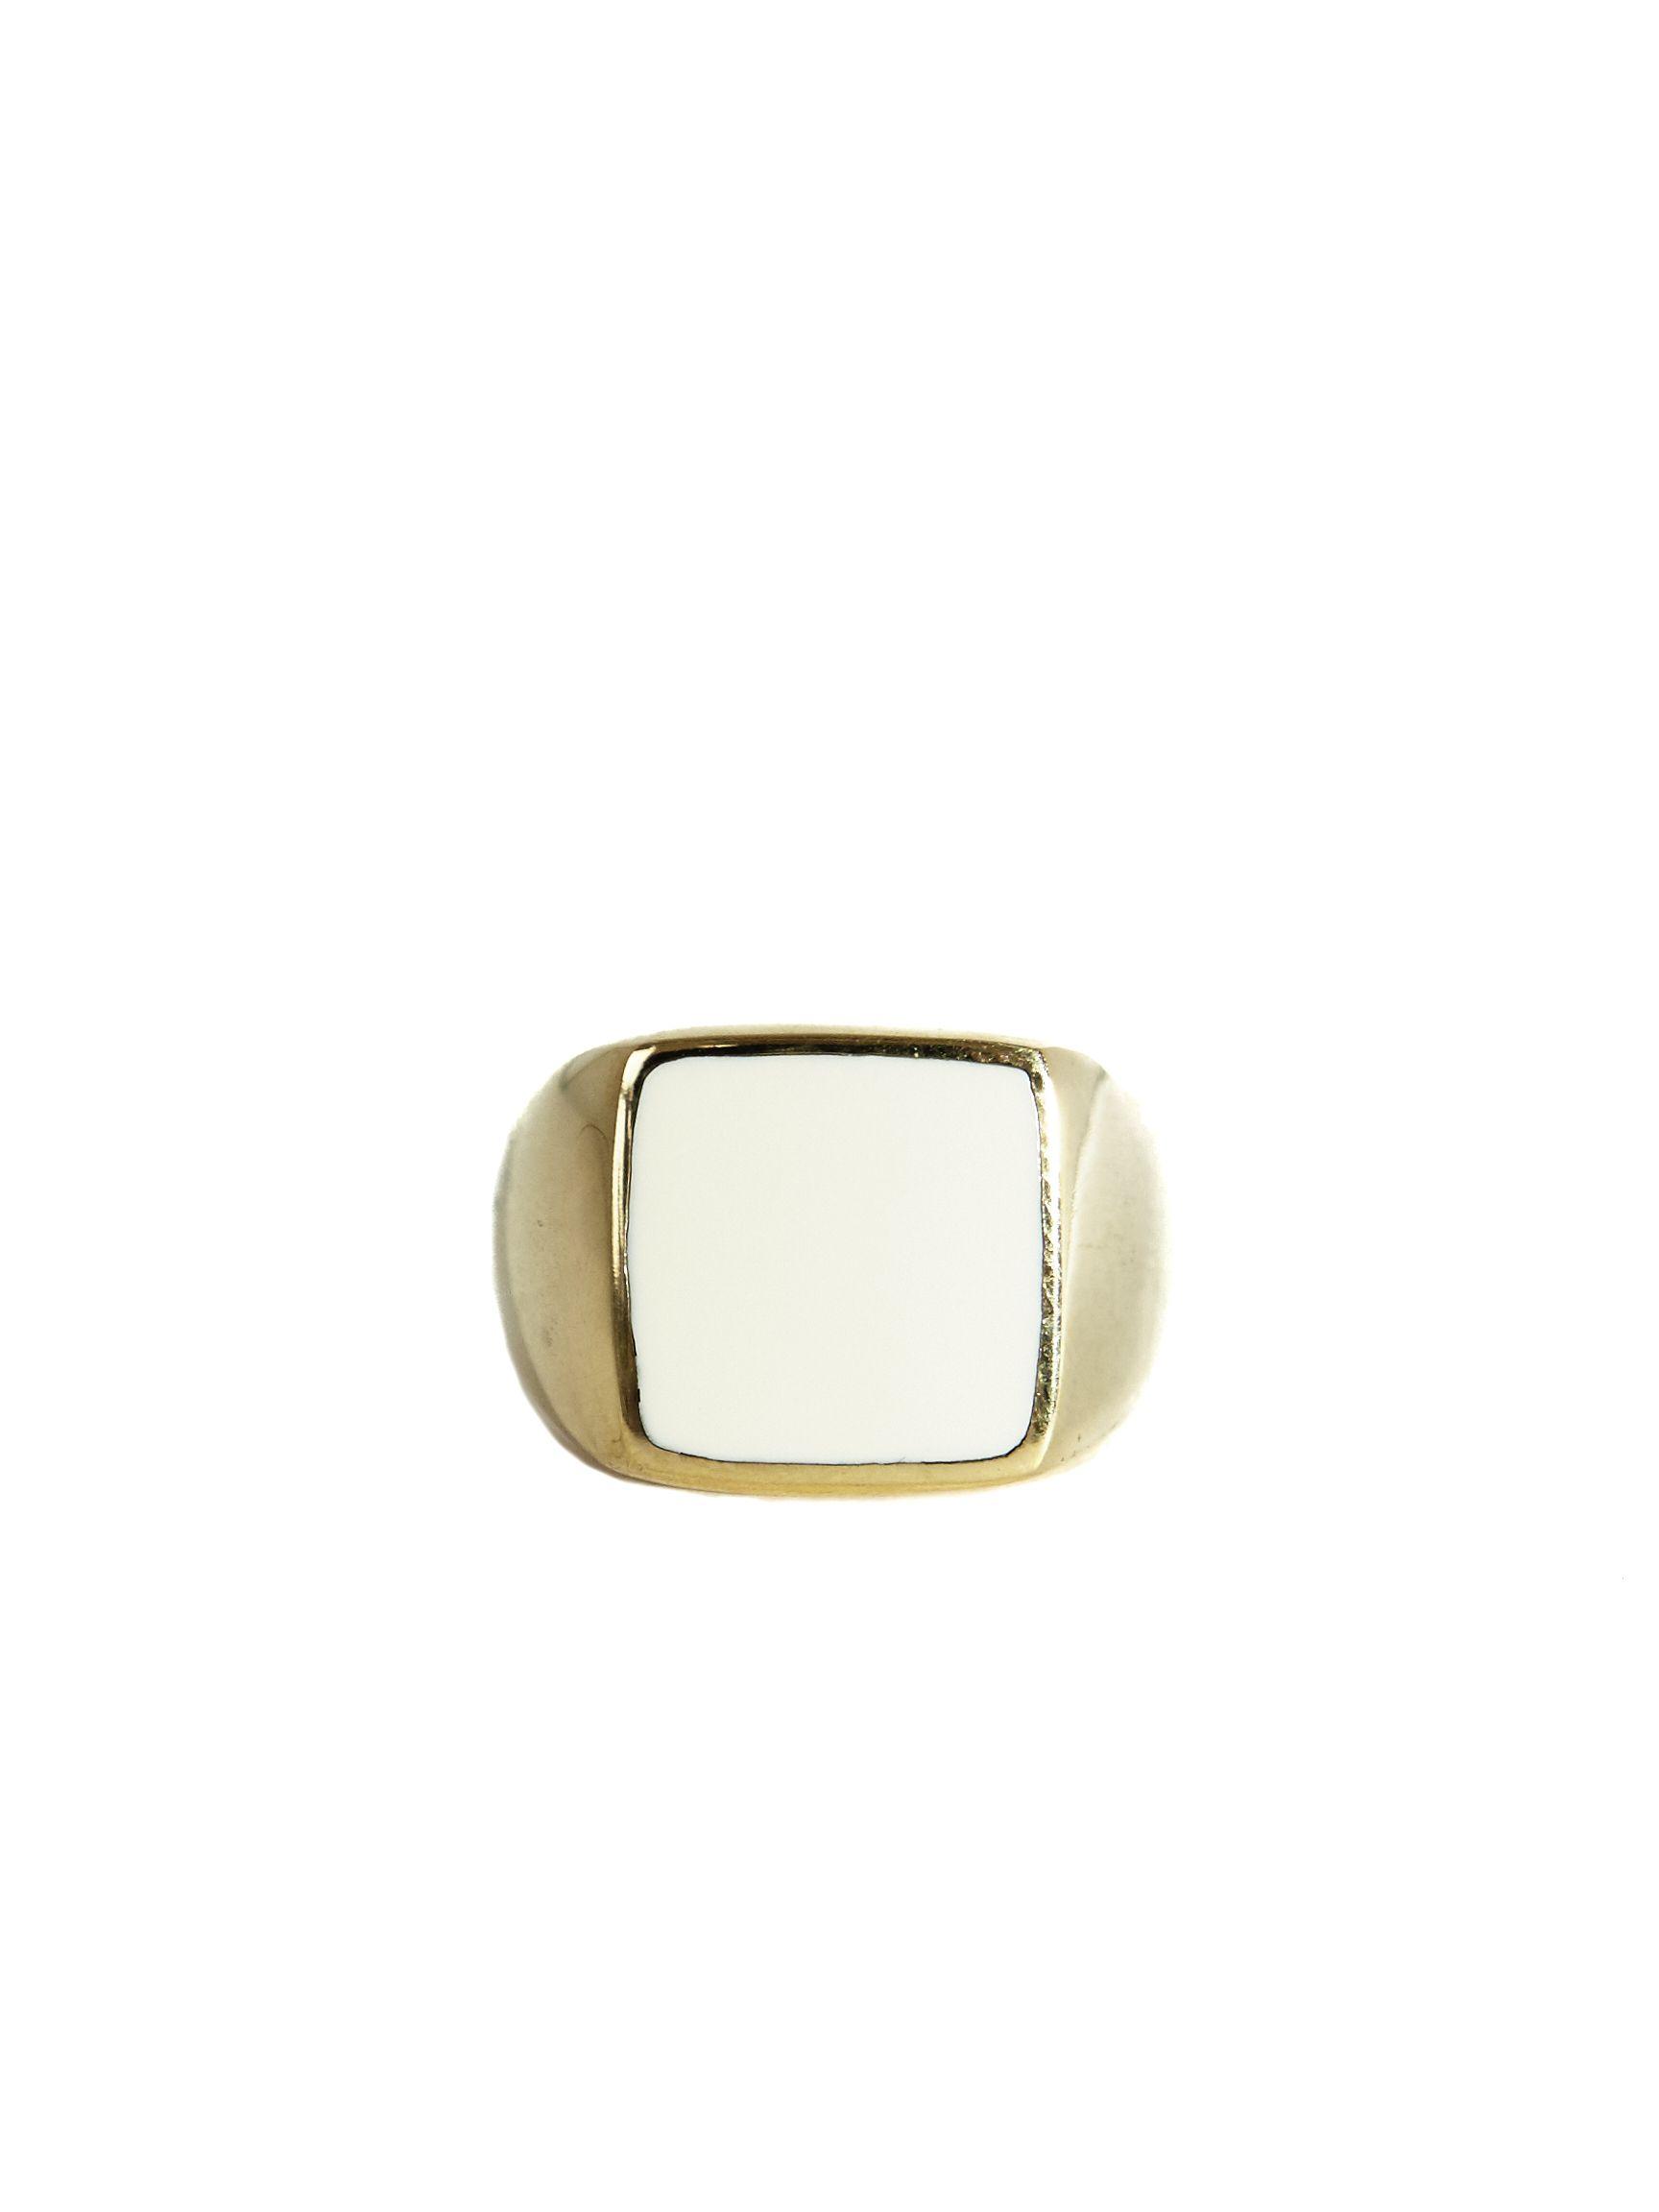 Square Resin Large Ring Gold White   Mimi Et Toi